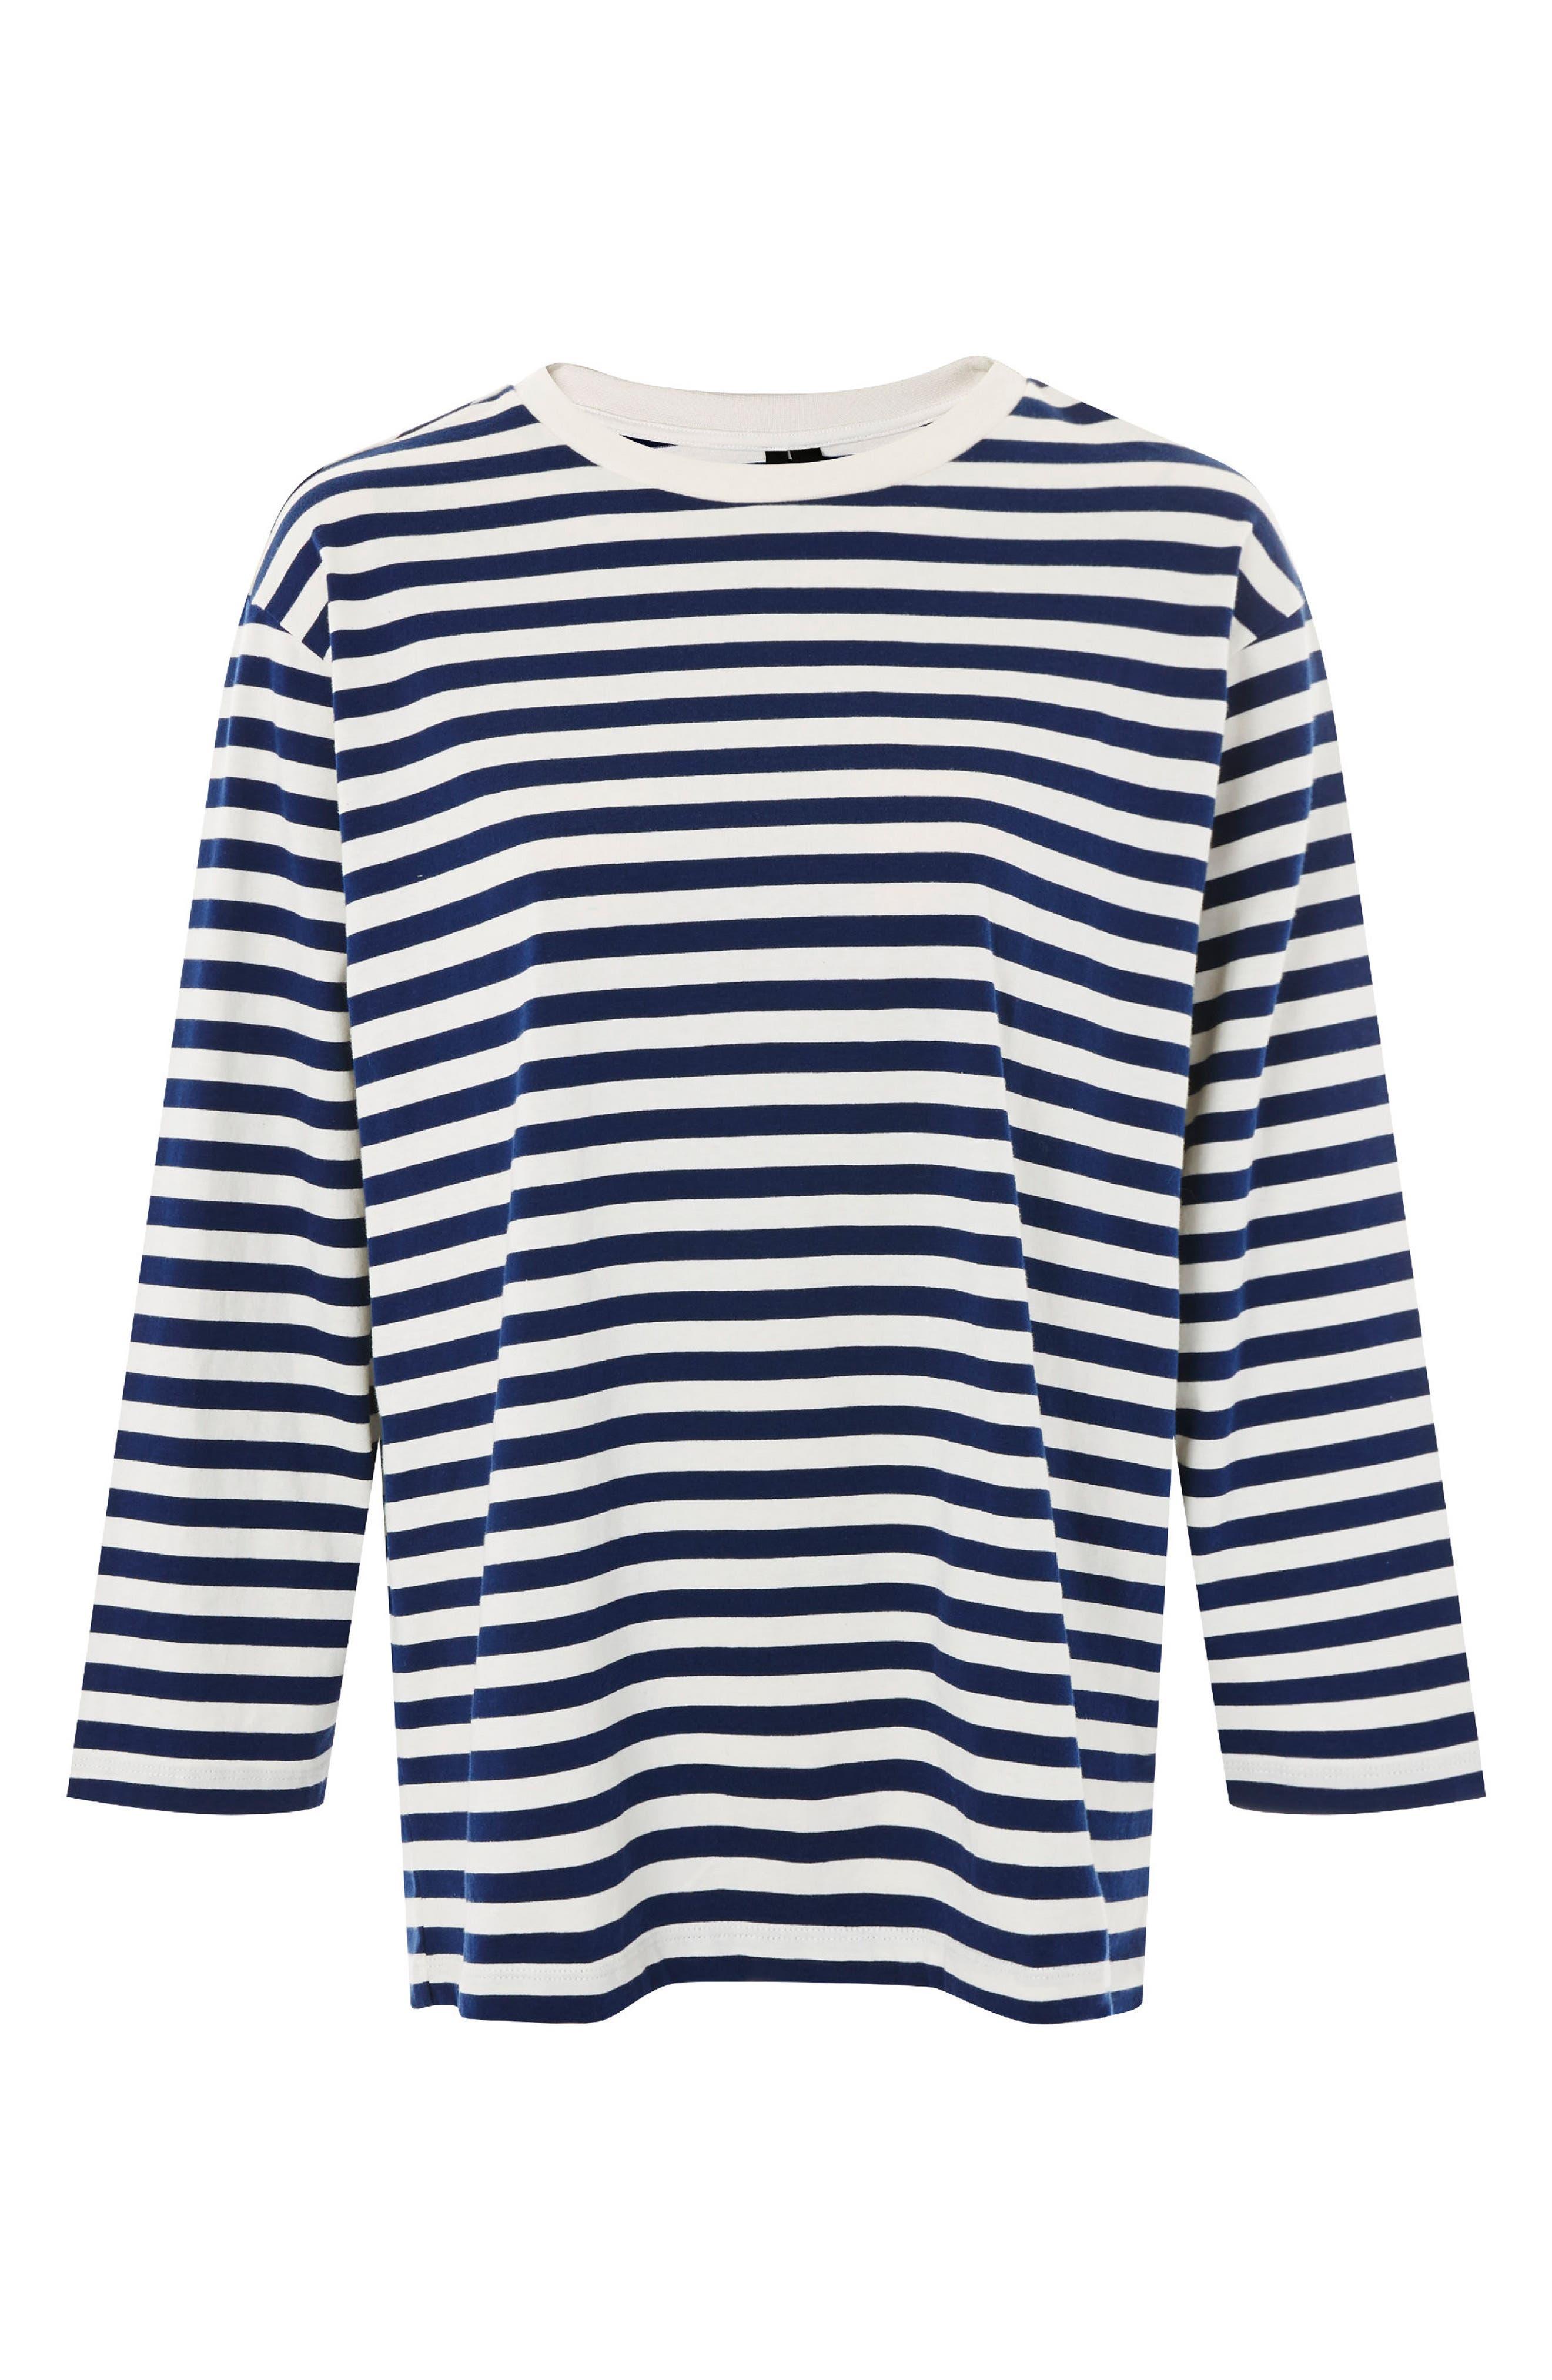 Topshop Boutique Stripe Shirt